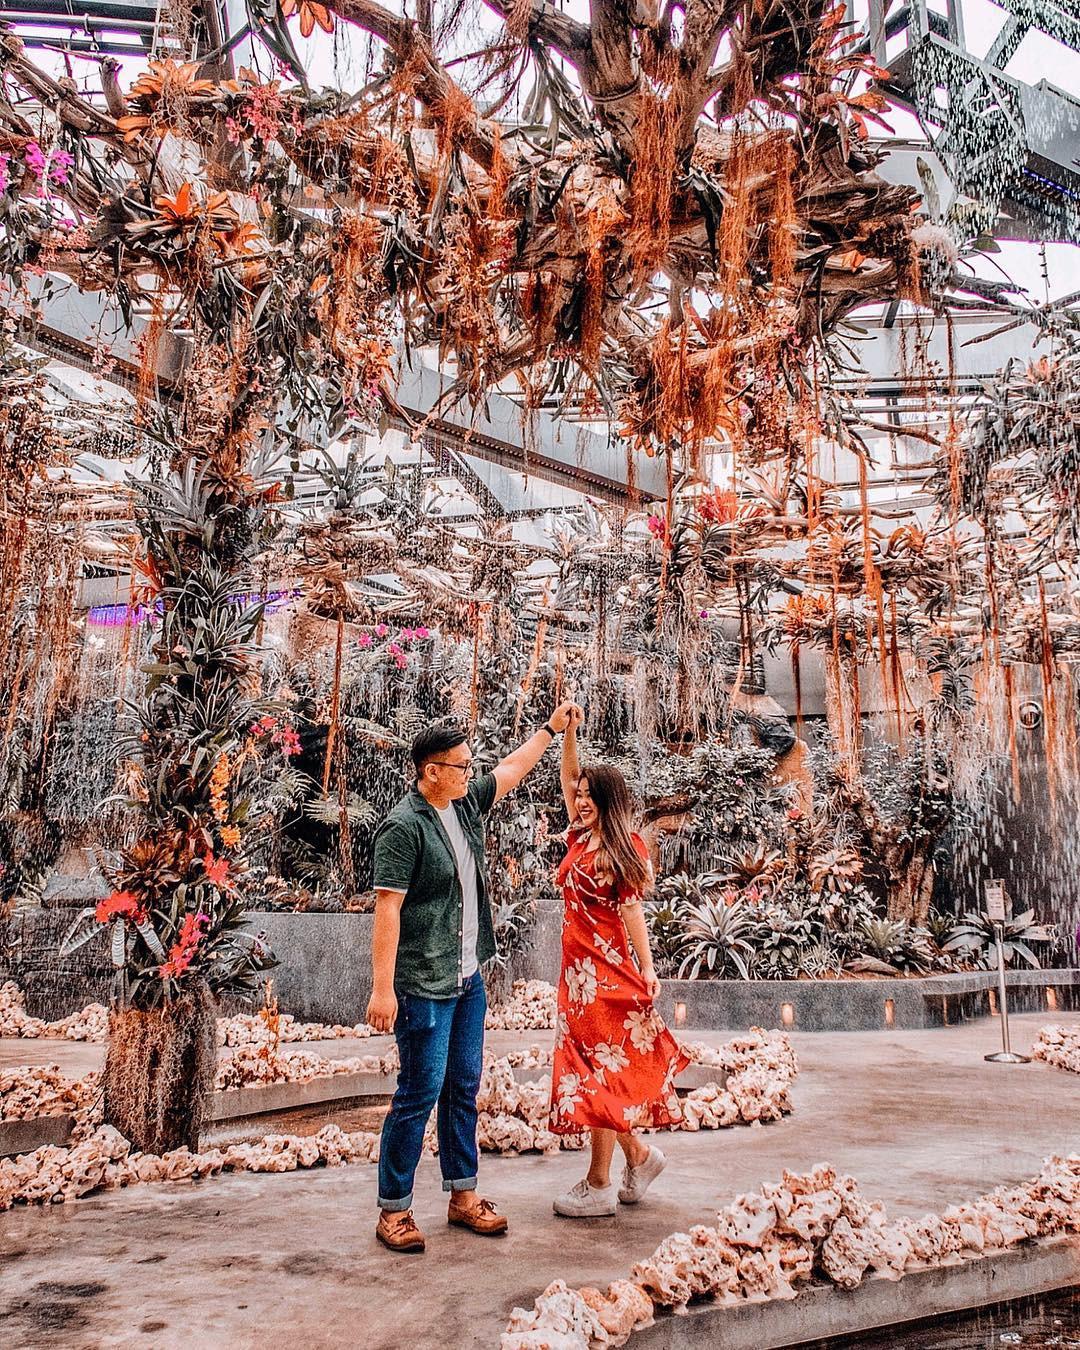 """Sau Jewel Changi, Singapore lại có thêm """"kỳ quan"""" vườn hoa treo khổng lồ khiến dân tình phải ngước lên """"mỏi cả cổ"""" để ngắm nhìn - Ảnh 16."""